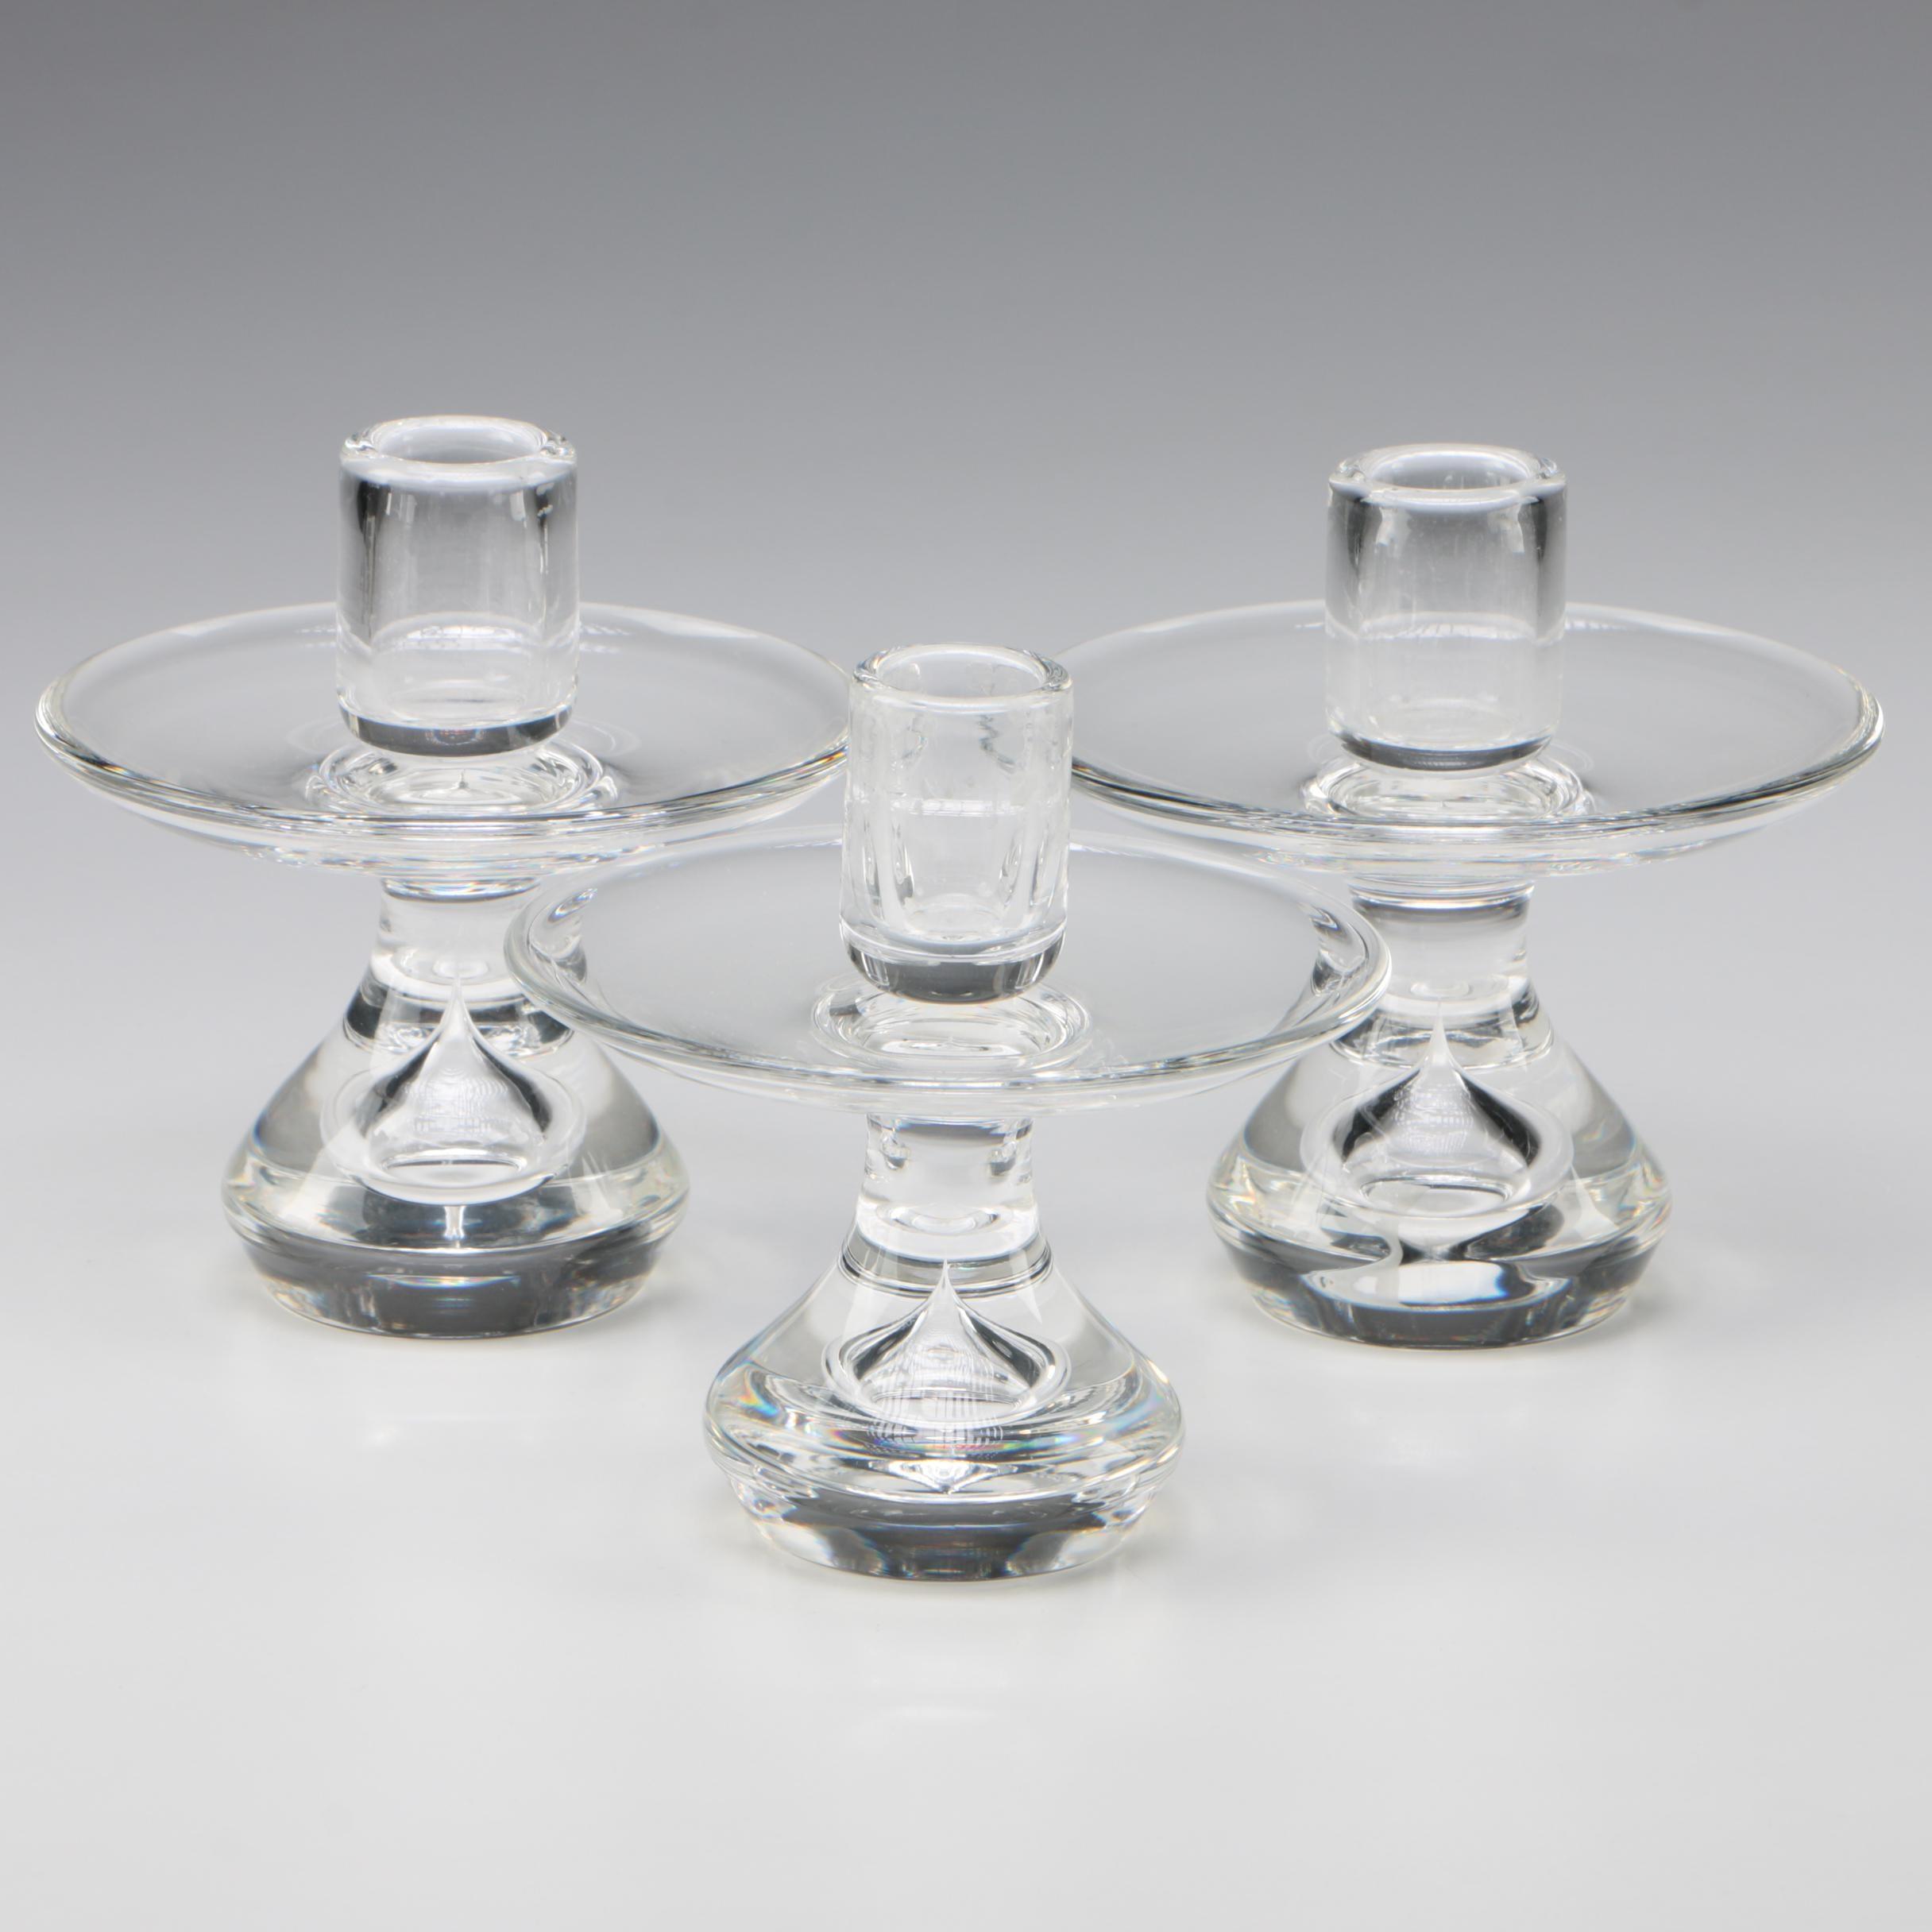 """Steuben Art Glass """"Teardrop"""" Candlesticks Designed by Donald Pollard, 1952"""